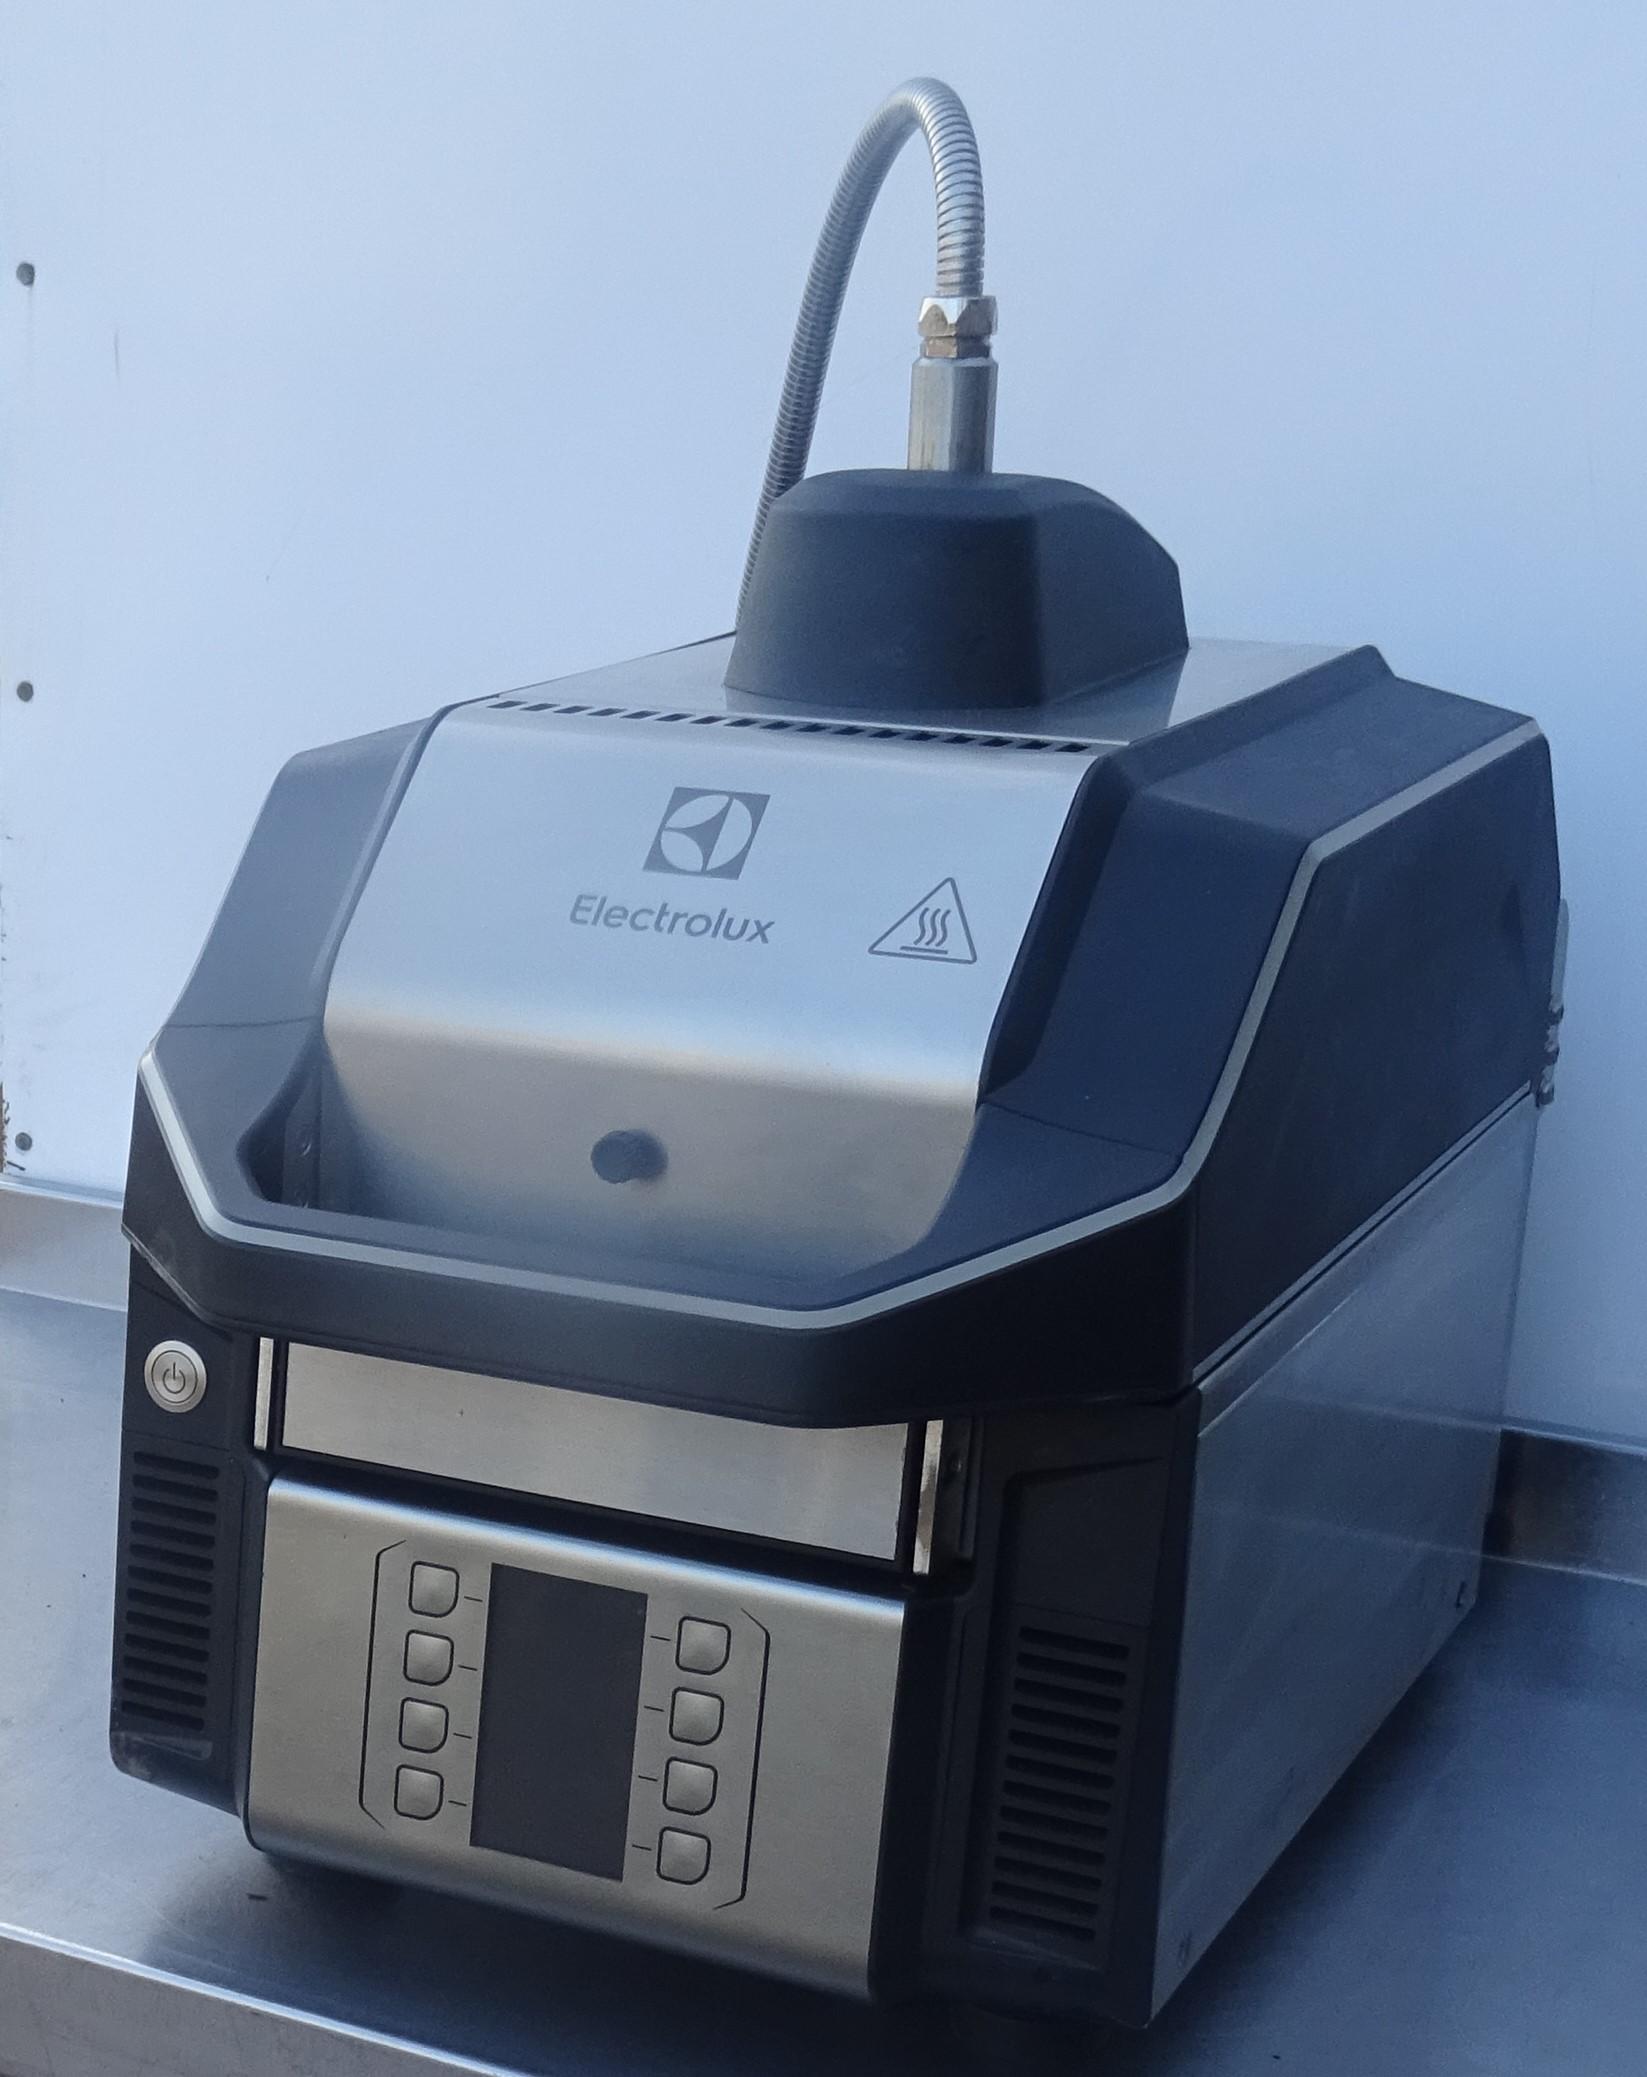 ELECTROLUX Speedelight Single High Speed Grill – Heavy Duty